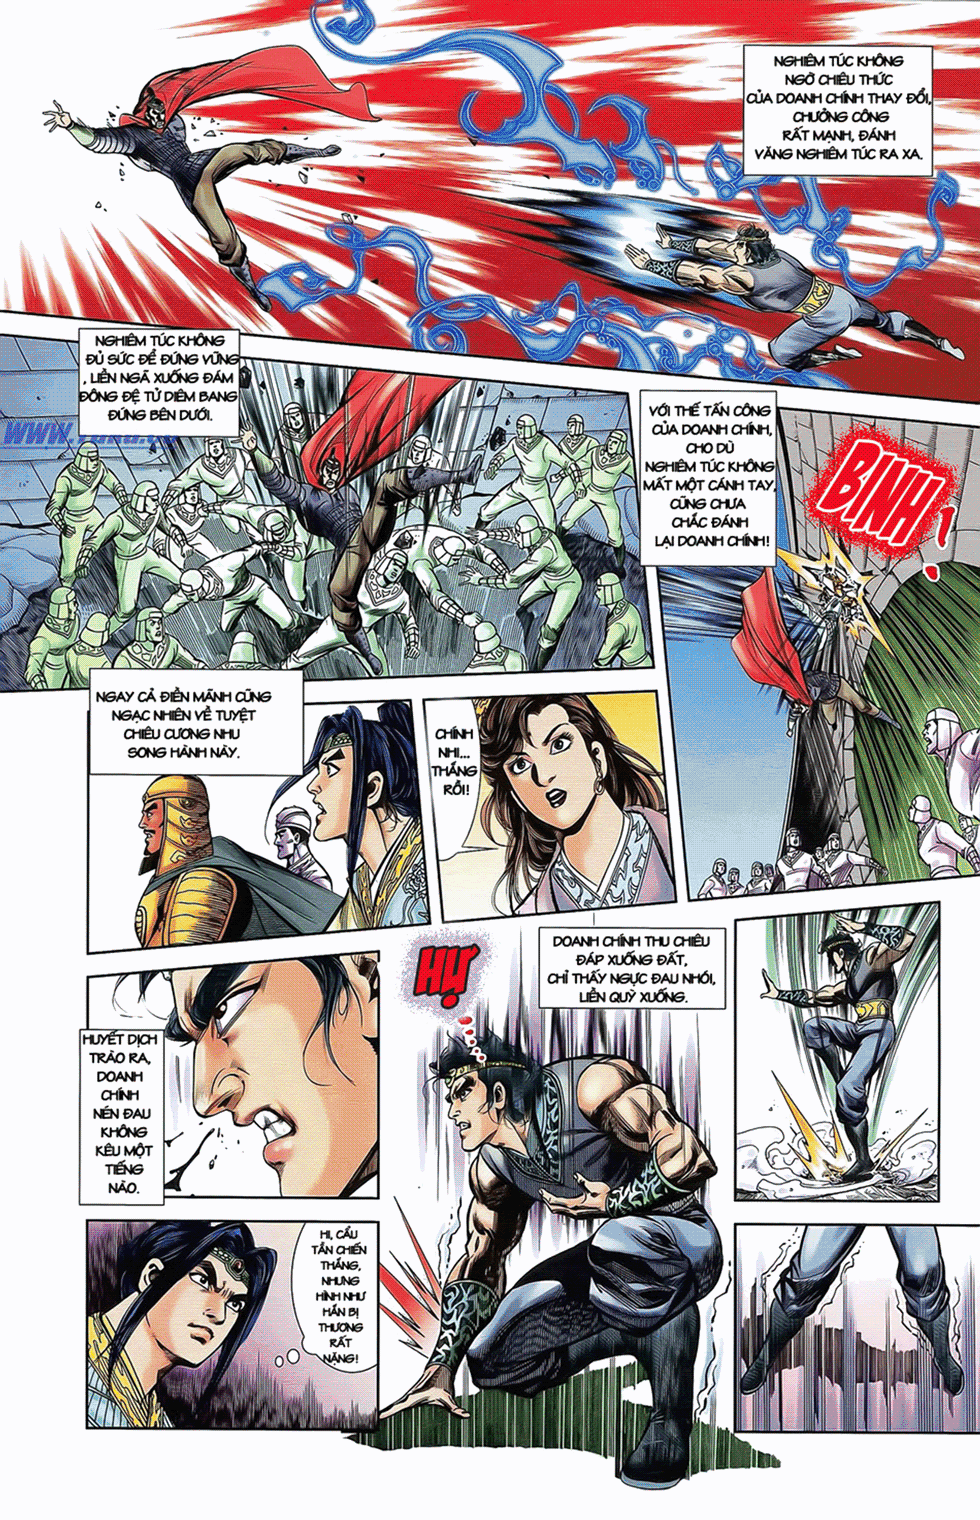 Tần Vương Doanh Chính chapter 11 trang 19